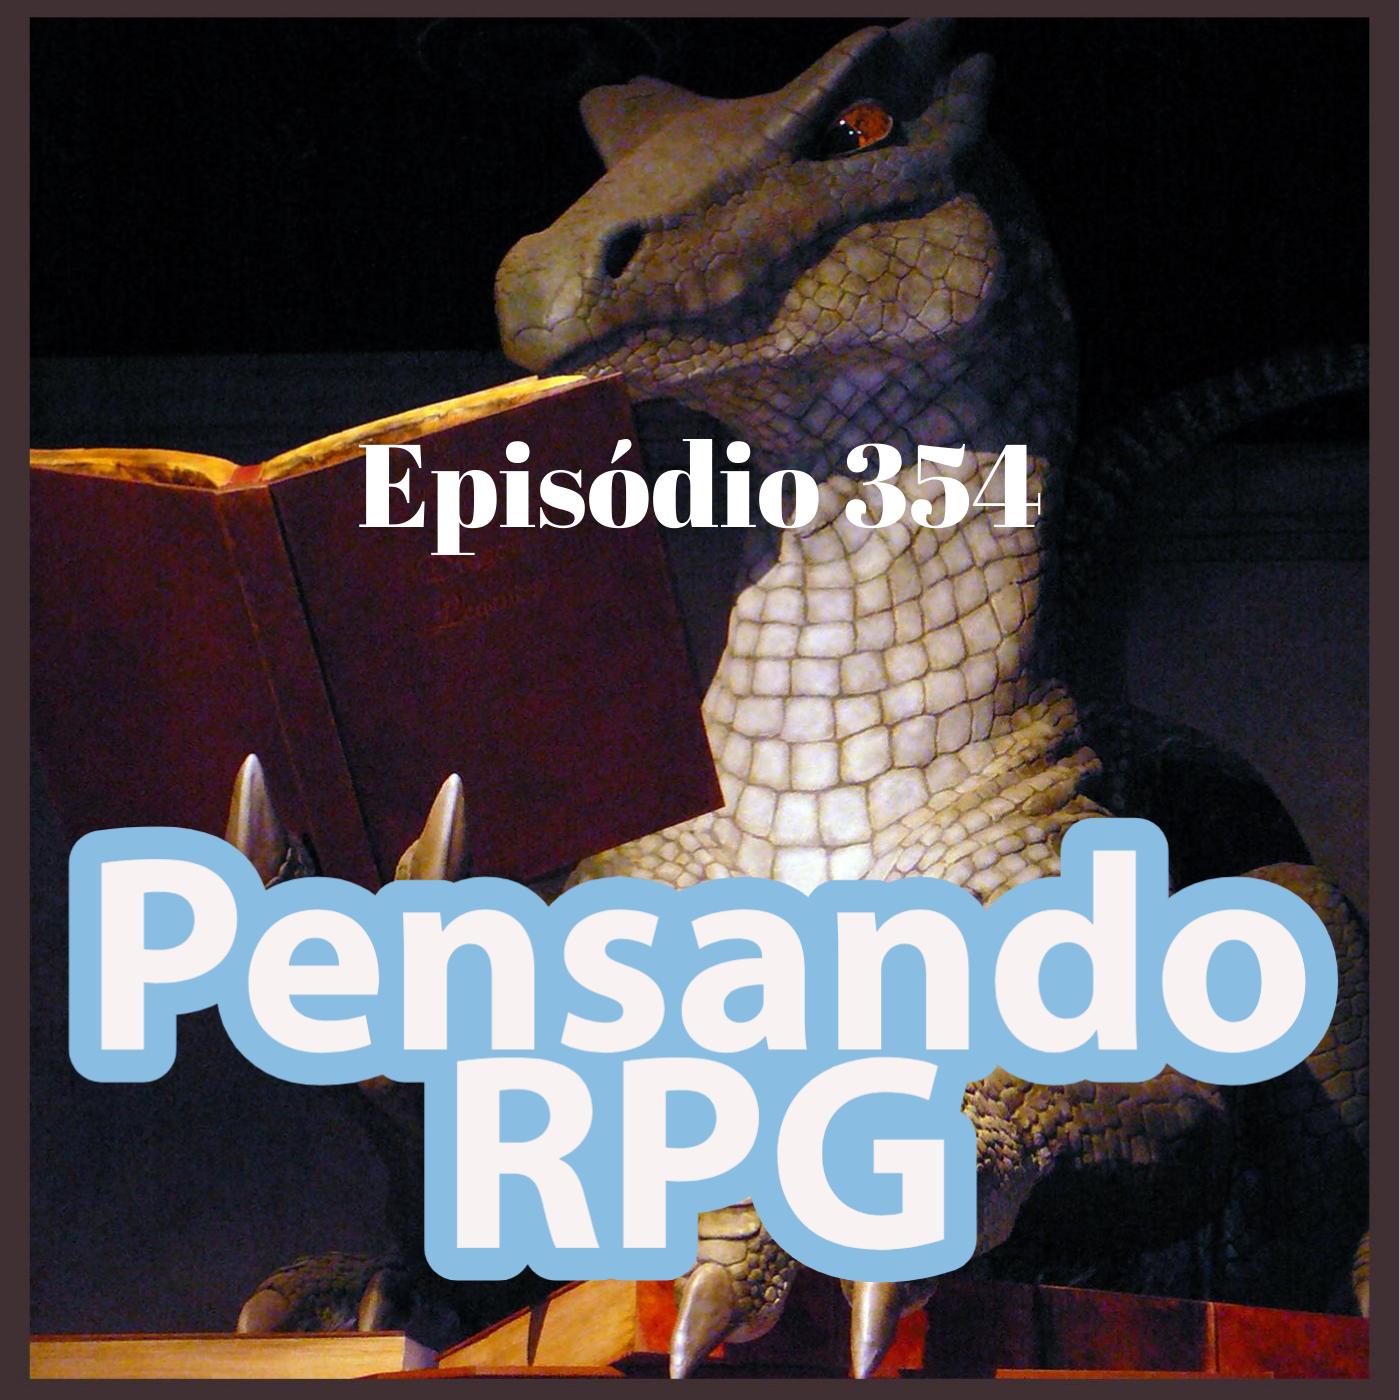 #354 - Essa espada gigantesca era usada pelos germânicos para destruir os seus oponentes!